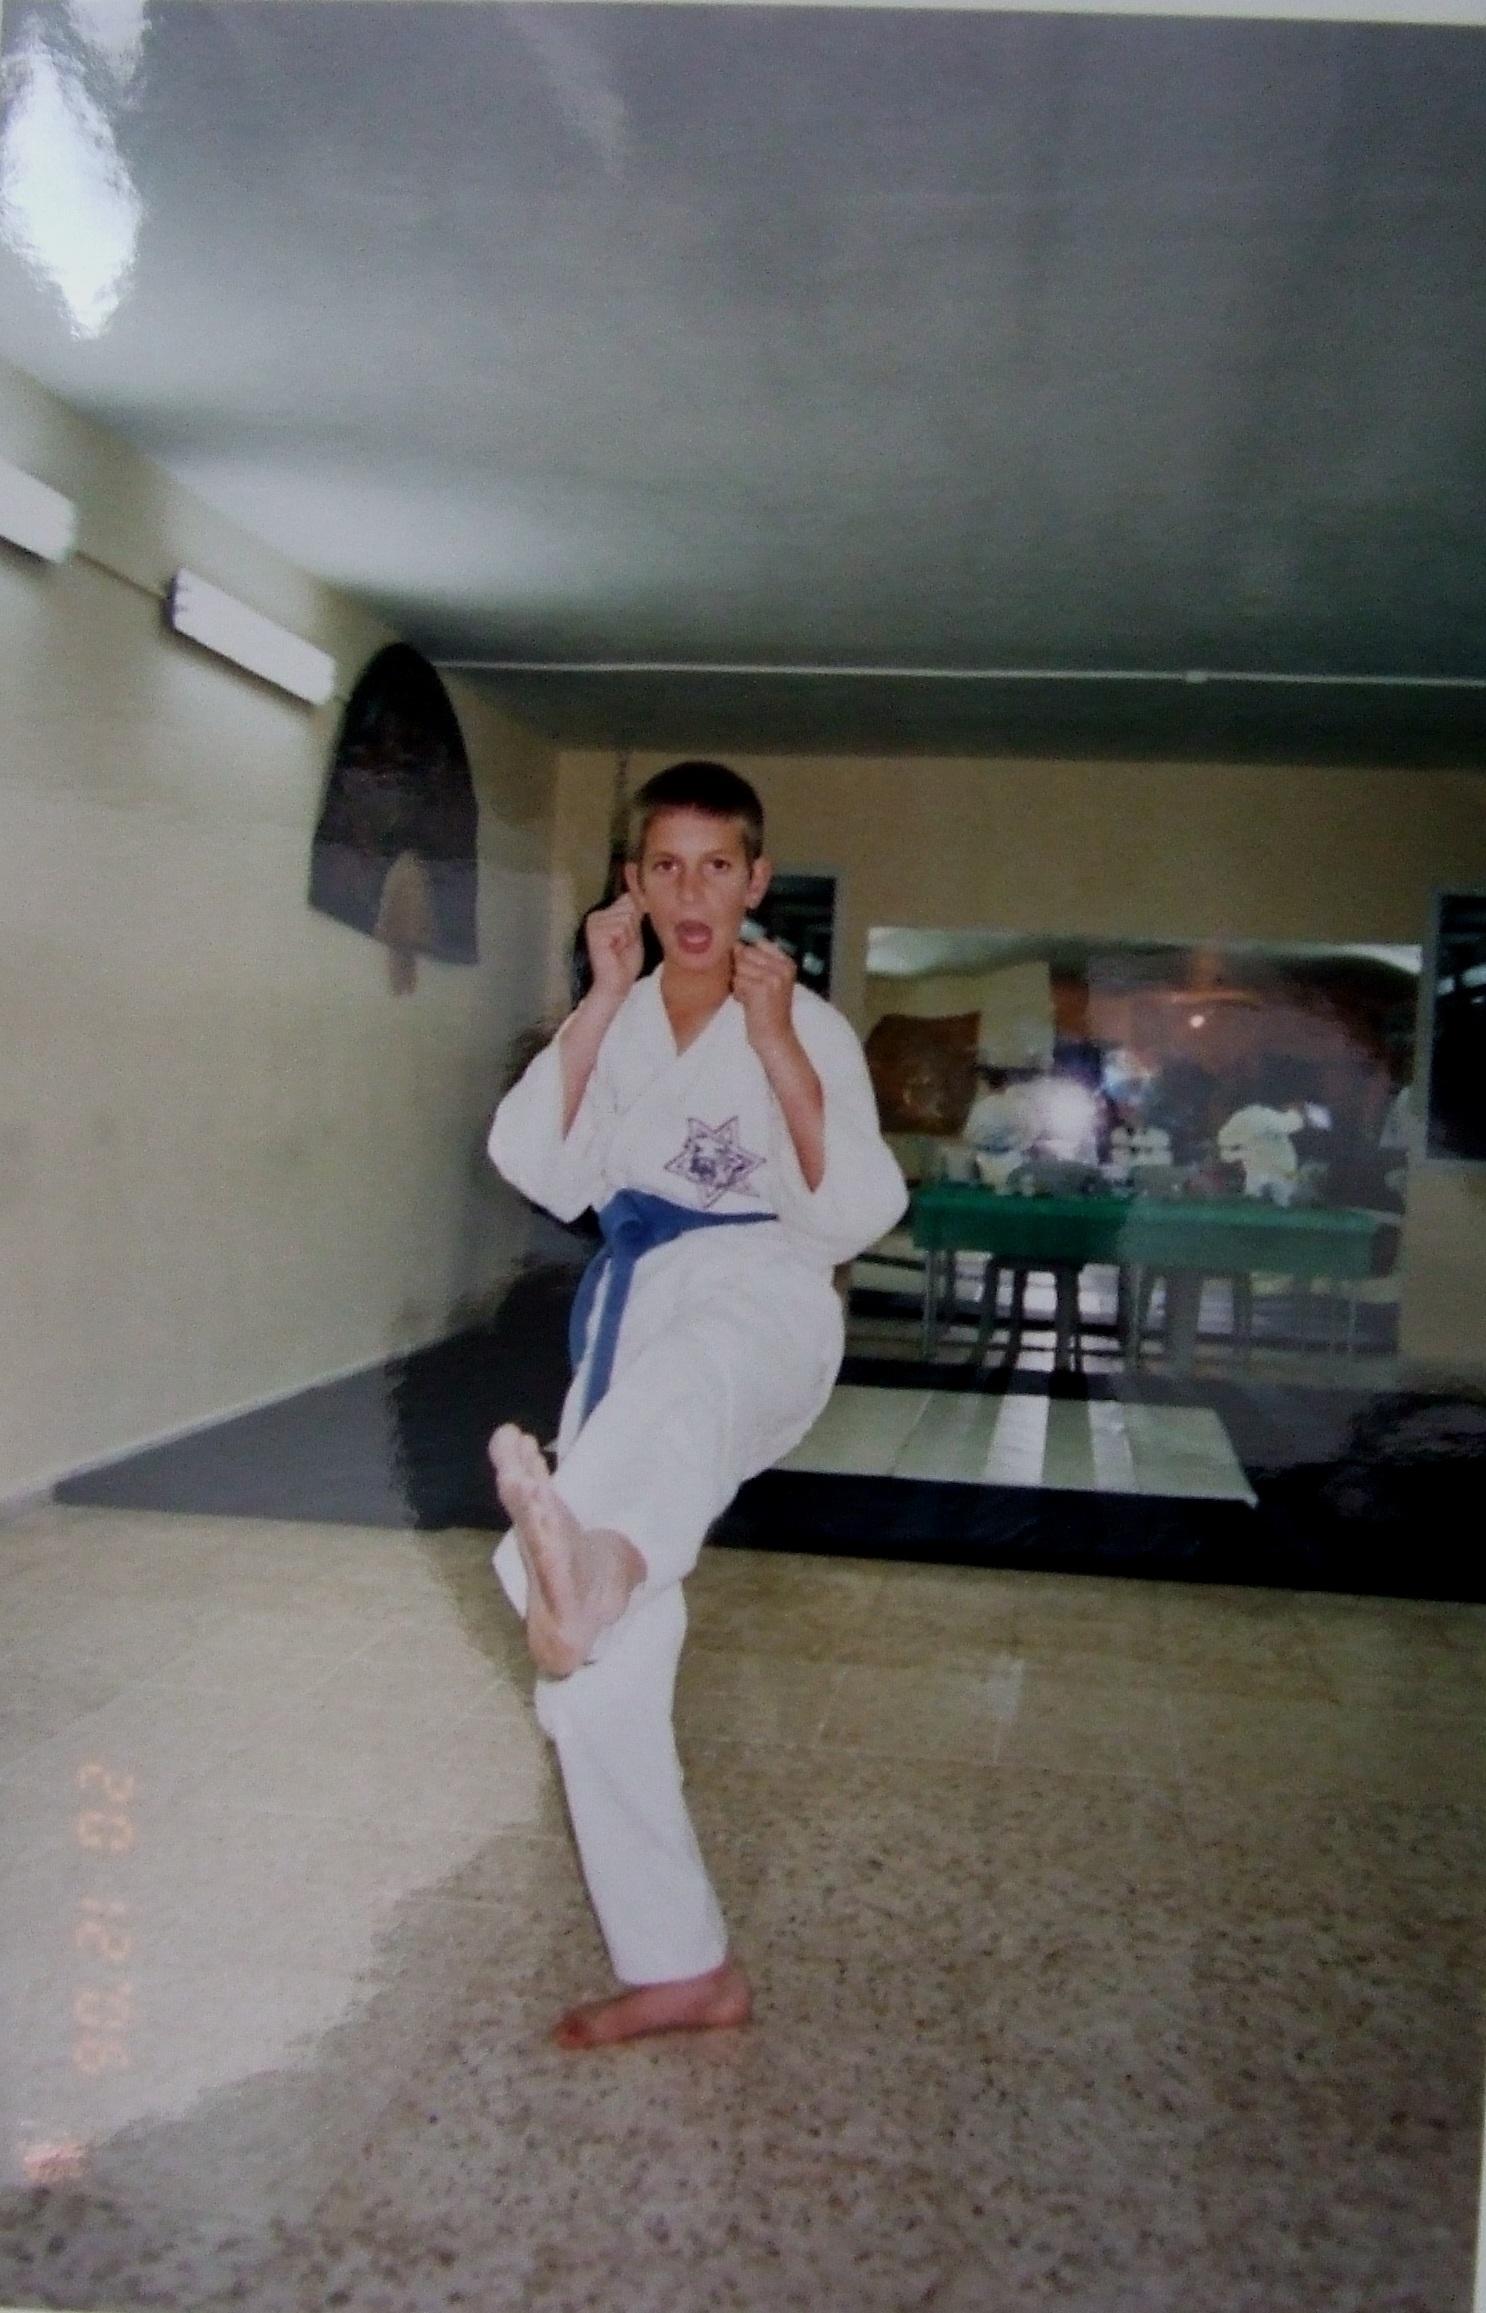 קיץ תשסה ישי בן 10 במבחני קונג פו